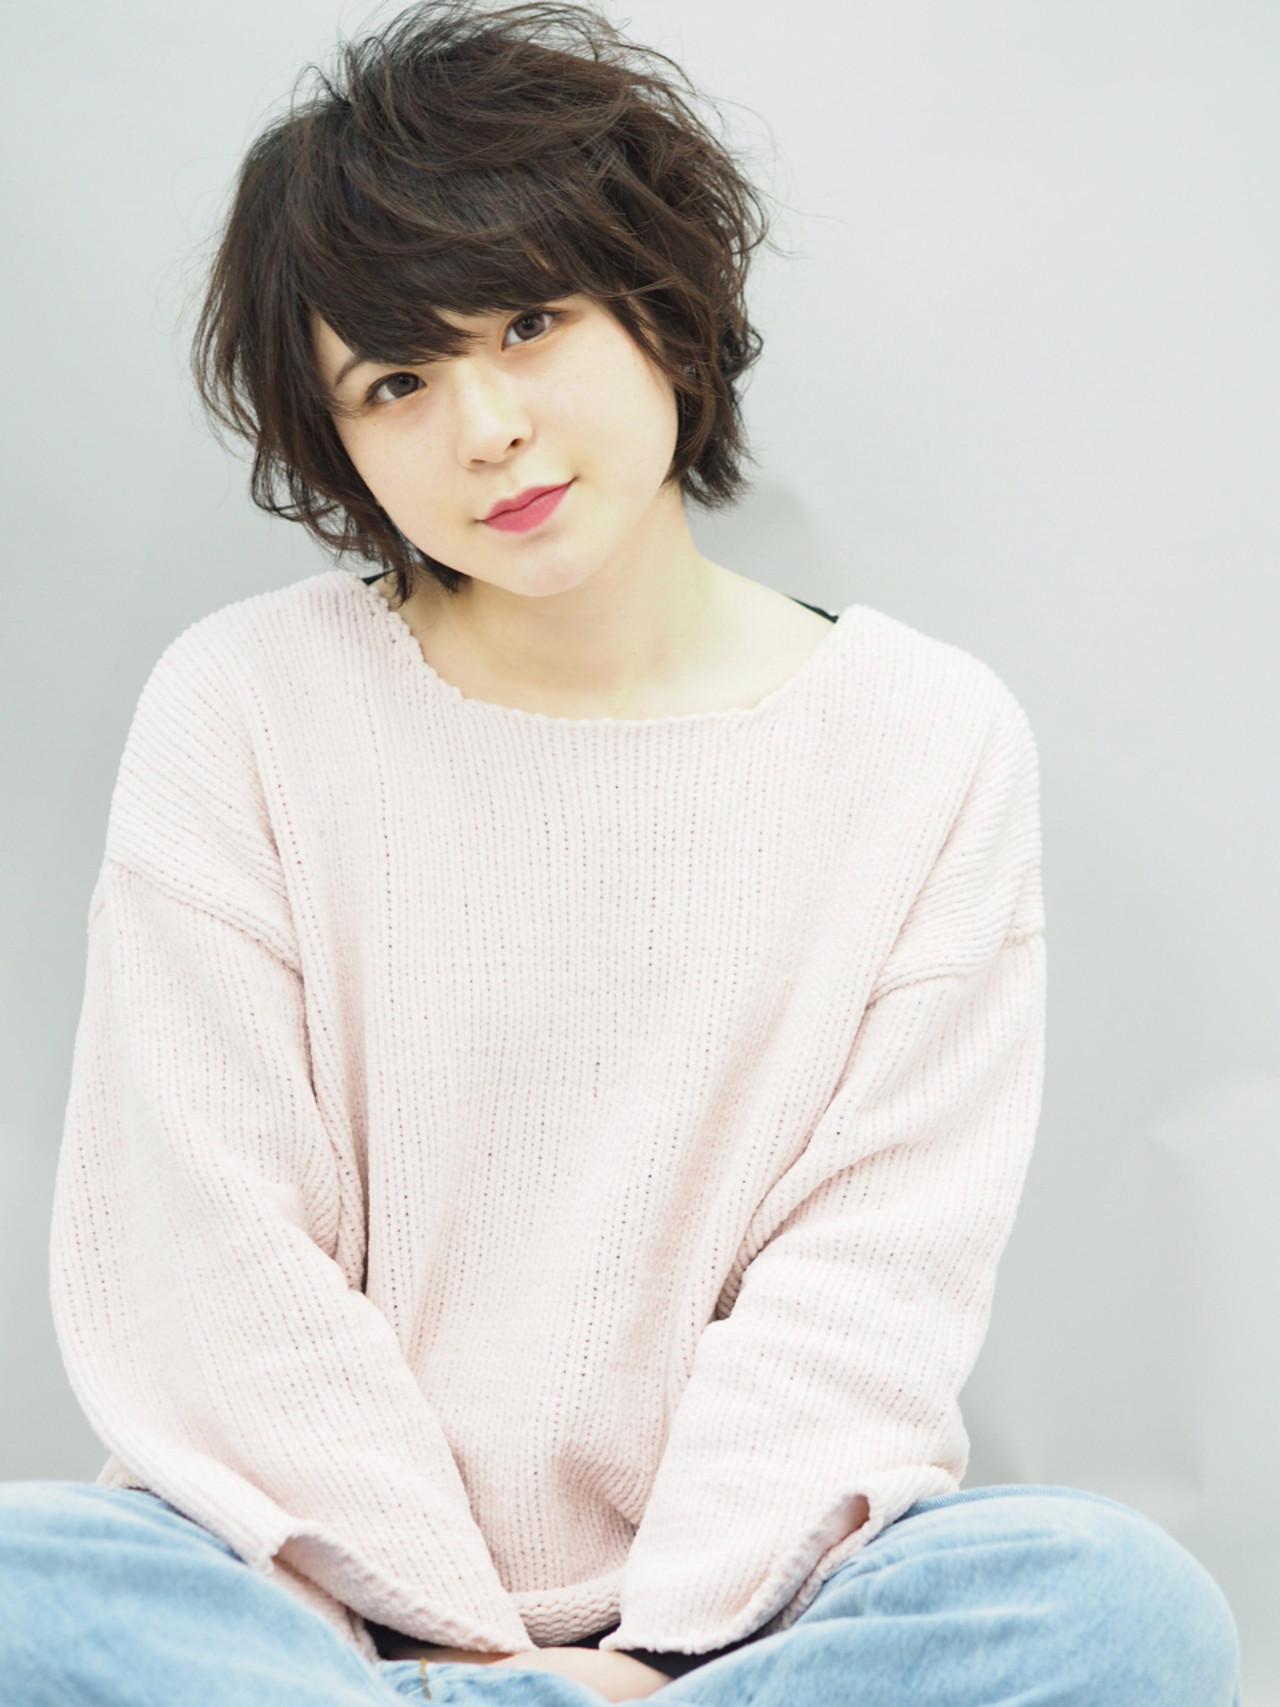 膨軟輕柔鮑伯頭×斜瀏海,營造女人味 石川明 | annex枚方店